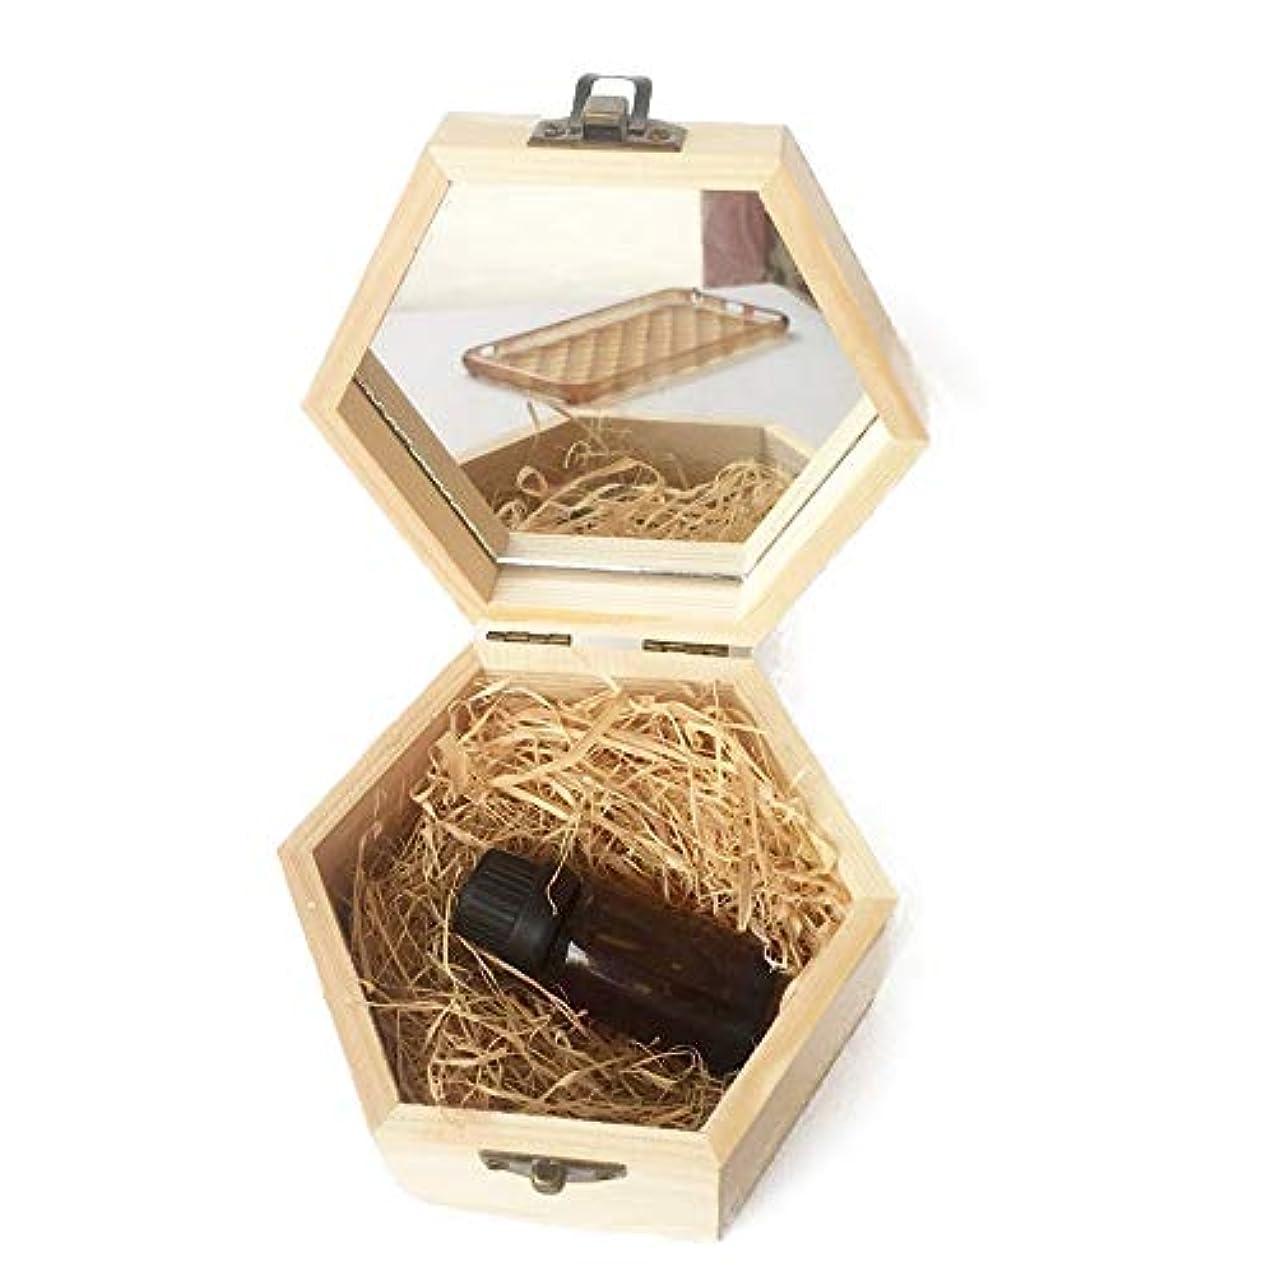 修理可能乙女咲くエッセンシャルオイル収納ボックス アロマ13x11.3x6.8cmのエッセンシャルオイル木箱の品質の収納ケース ポータブル収納ボックス (色 : Natural, サイズ : 13X11.3X6.8CM)